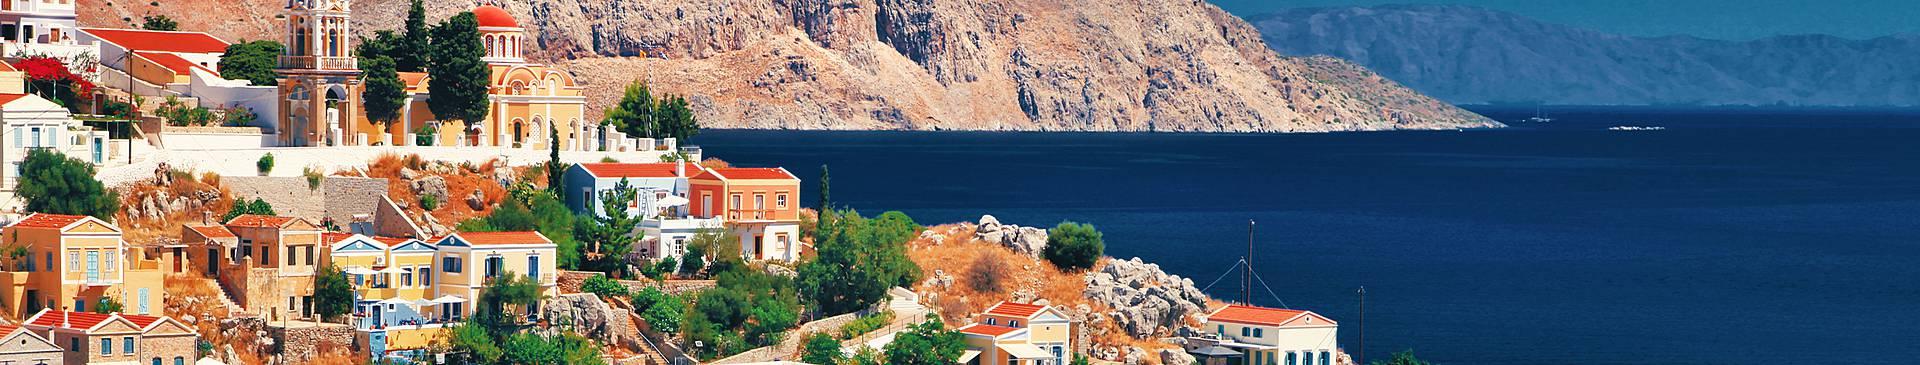 Städtereise Griechenland